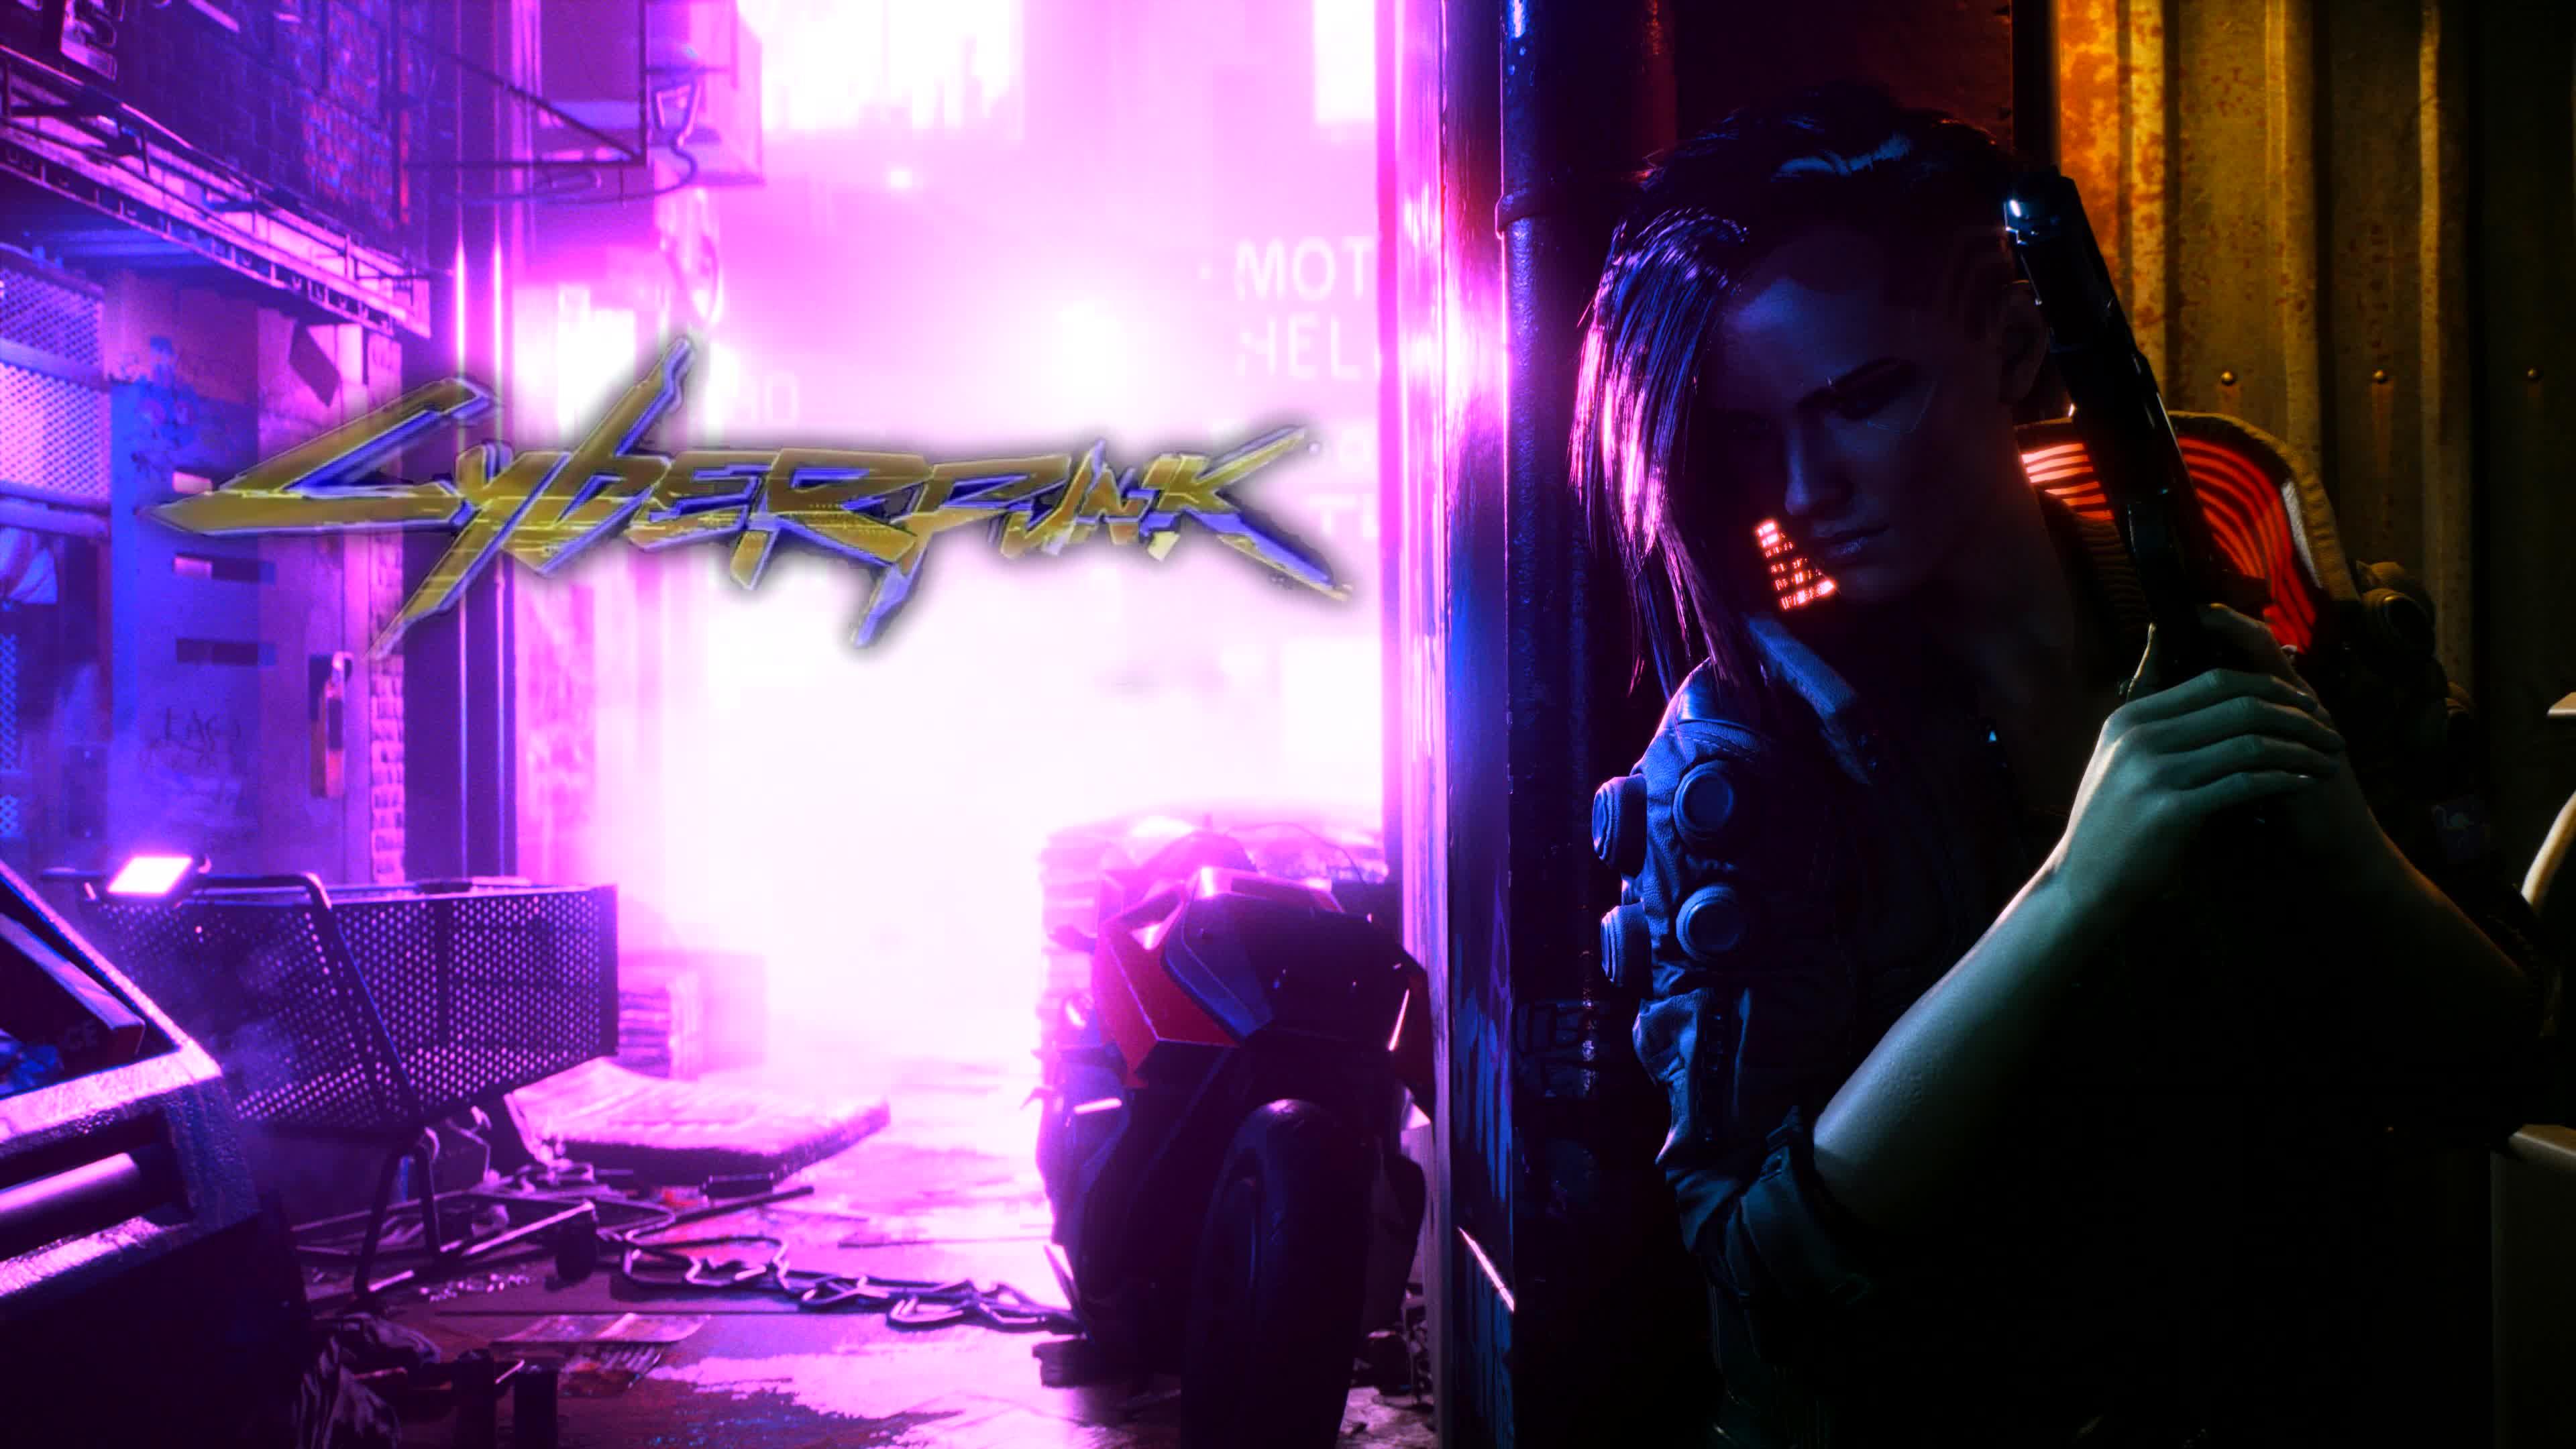 Cyberpunk 2077 Game Logo 4K Quality - Free Live Wallpaper ...